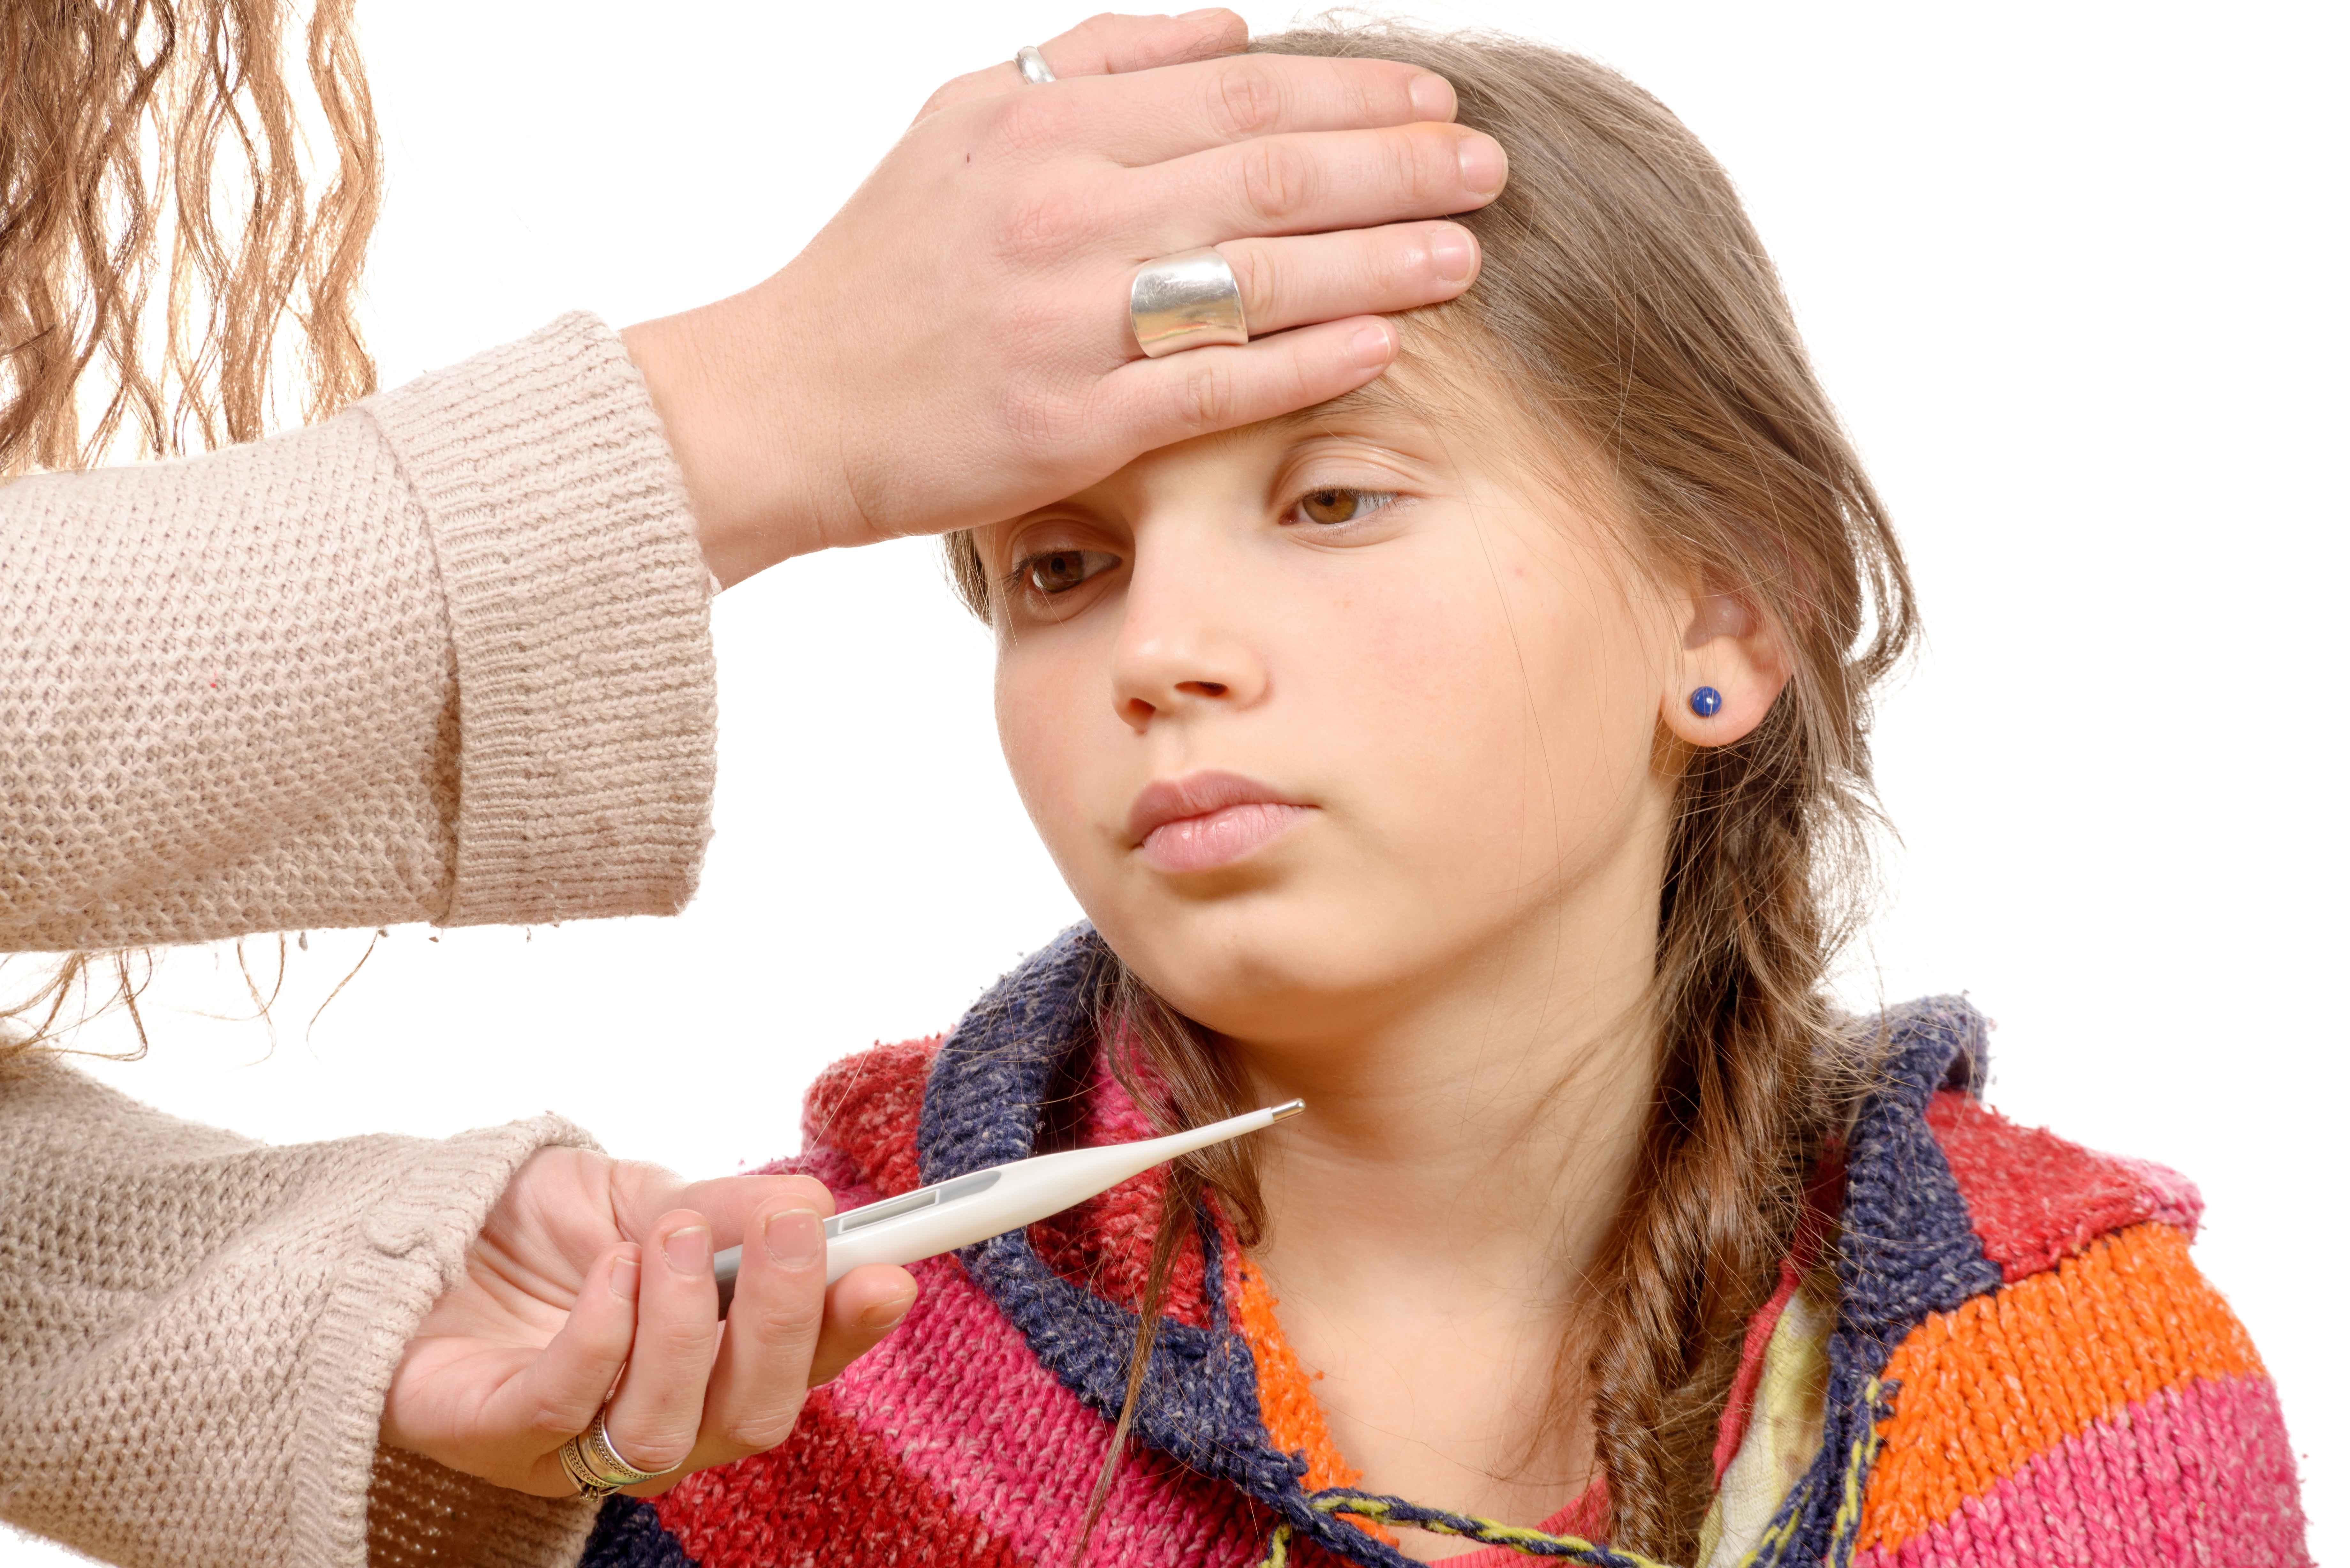 孩子持续高烧十多天,浑身无力疼痛